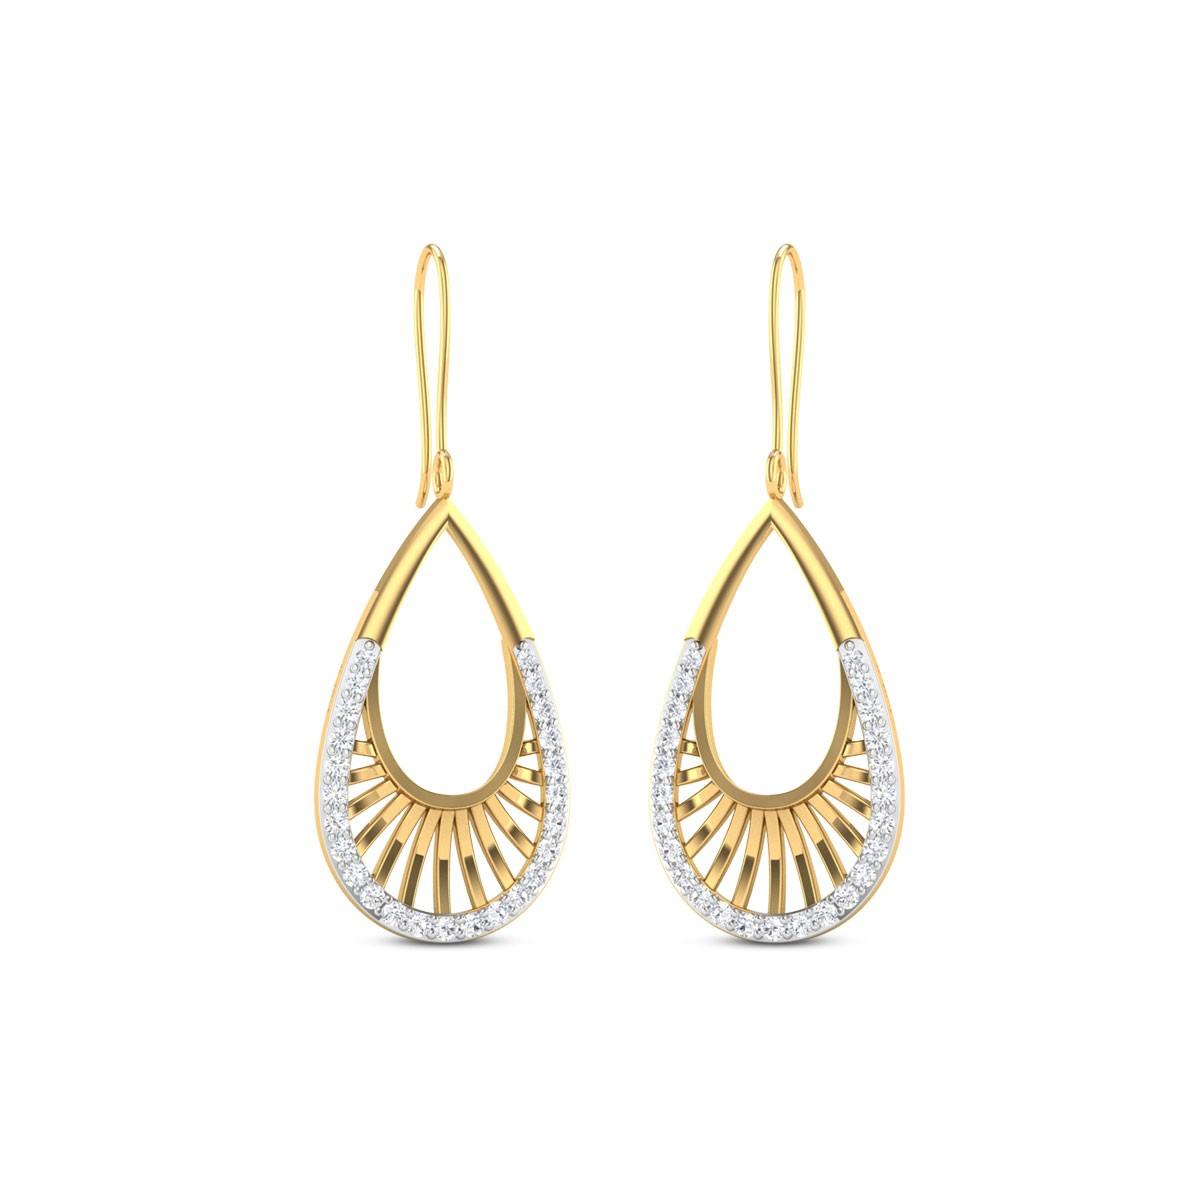 Eden Diamond Earrings